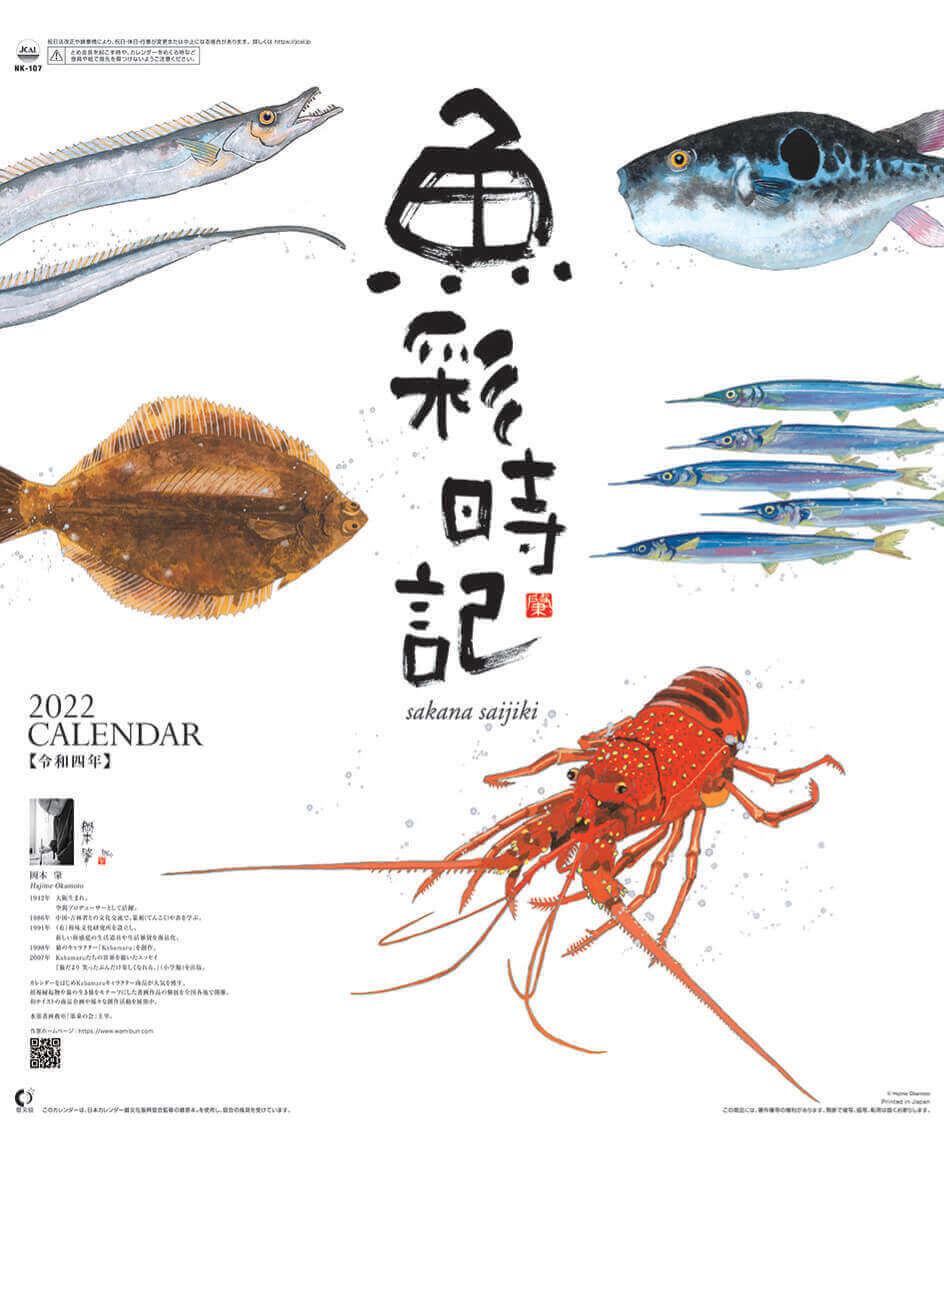 魚彩時記 -岡本肇- 2022年カレンダーの画像